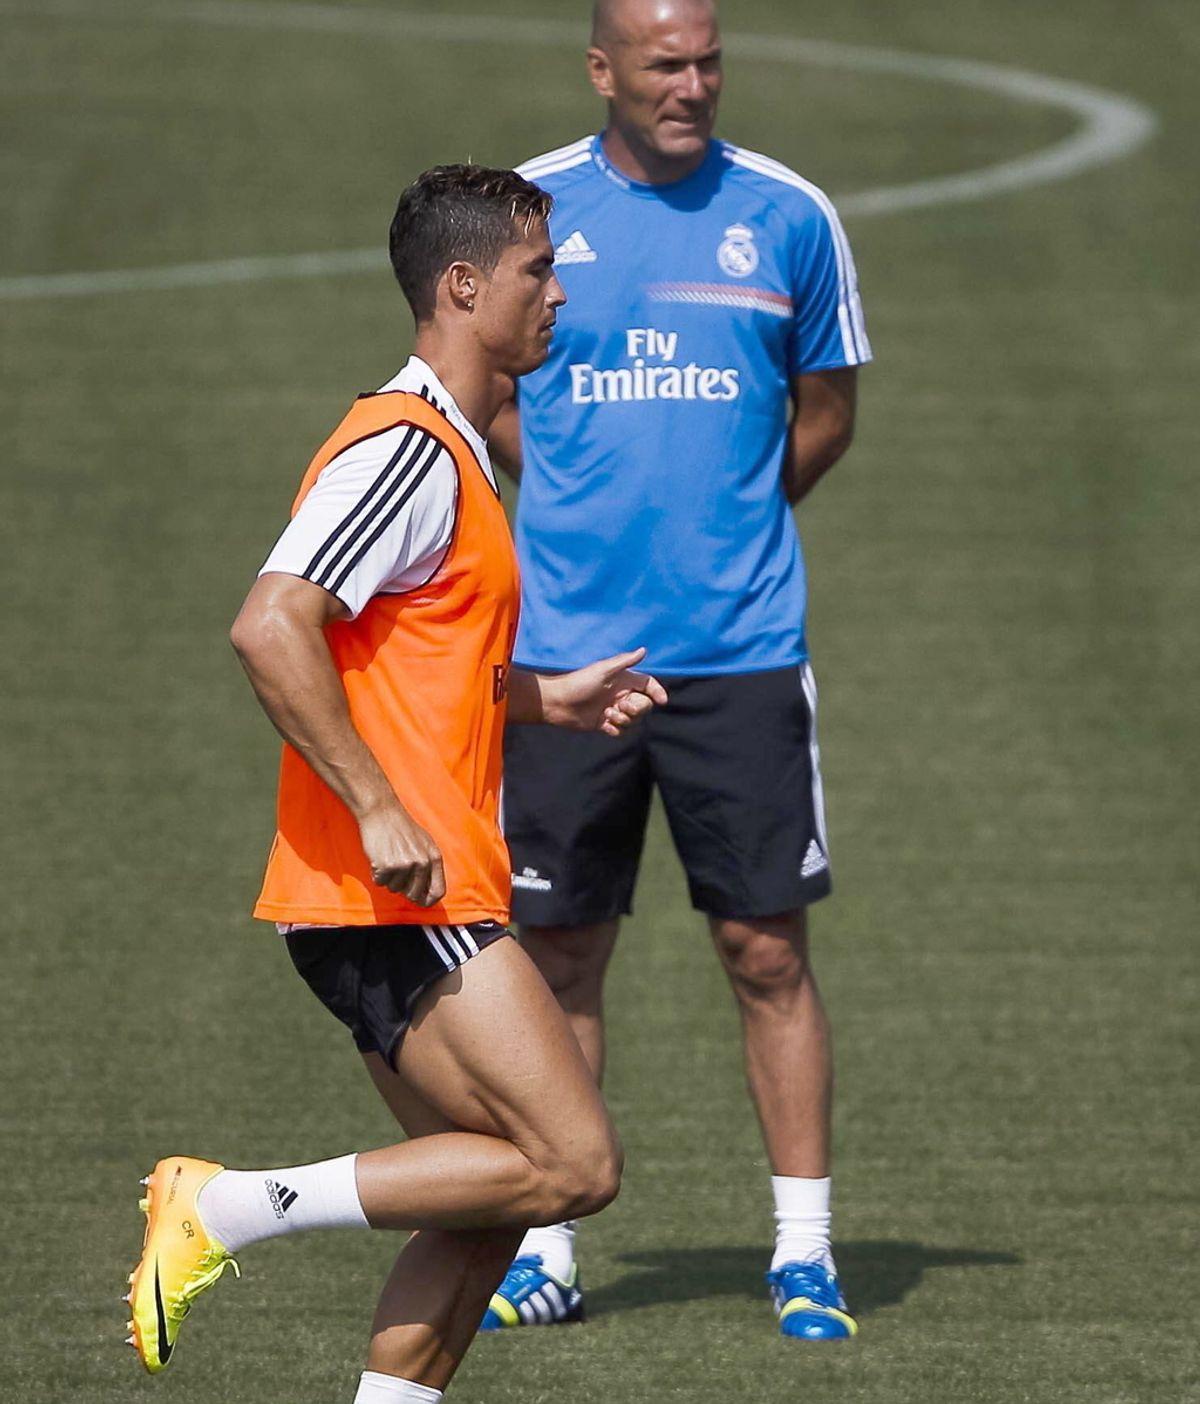 El Real Madrid, el club deportivo más rico del mundo